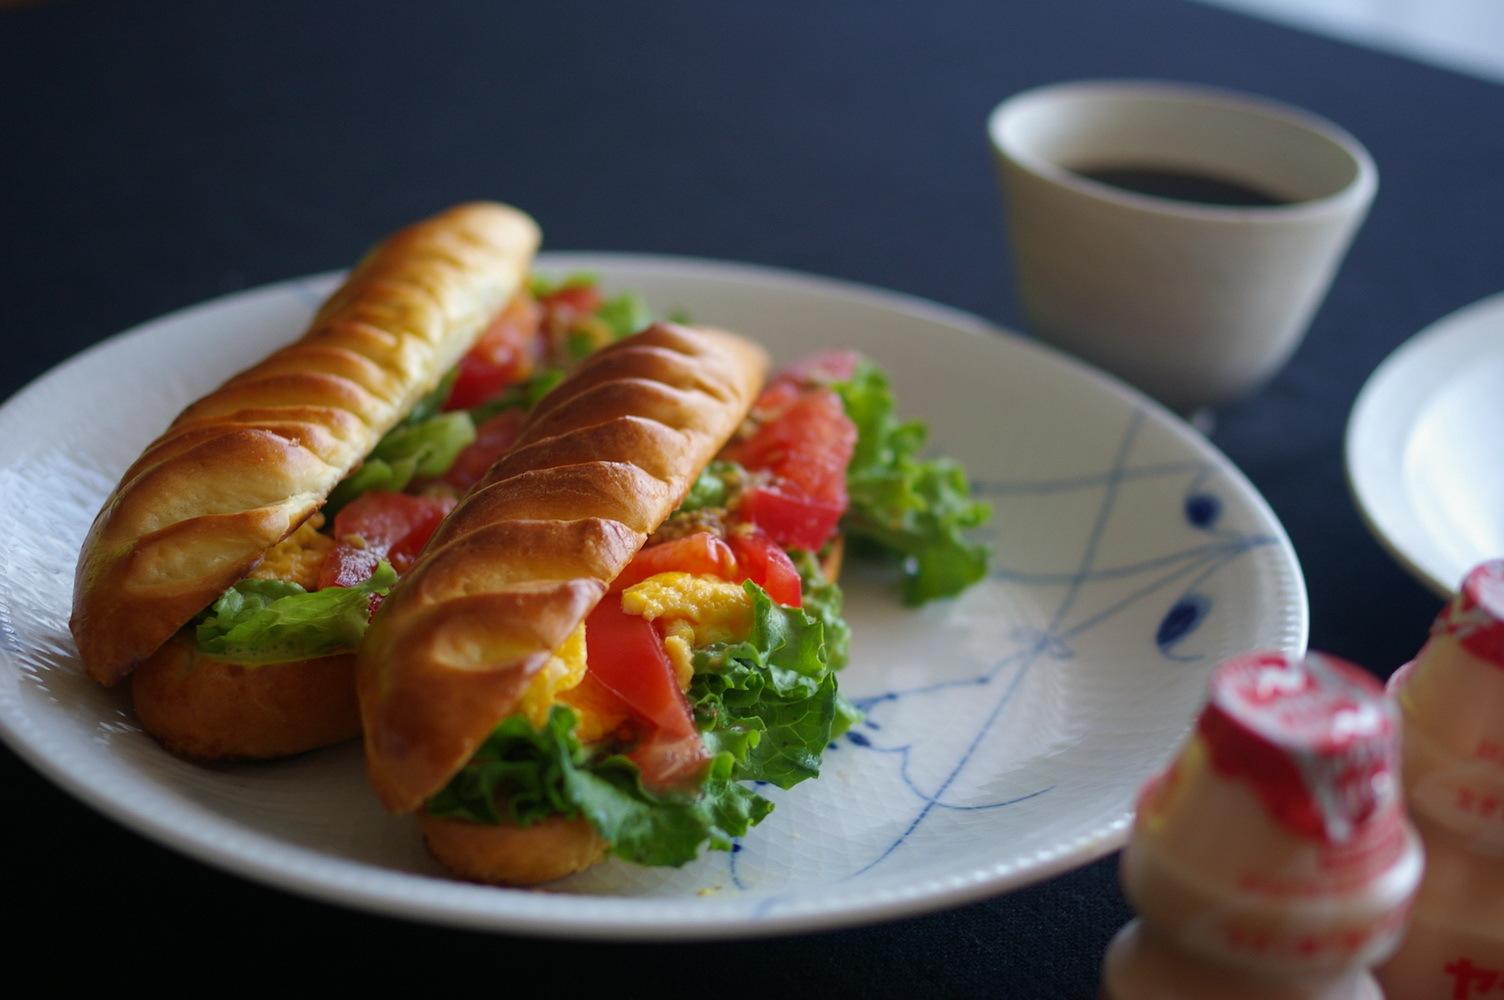 ホットサンドイッチと毎朝の習慣_d0327373_08344503.jpg